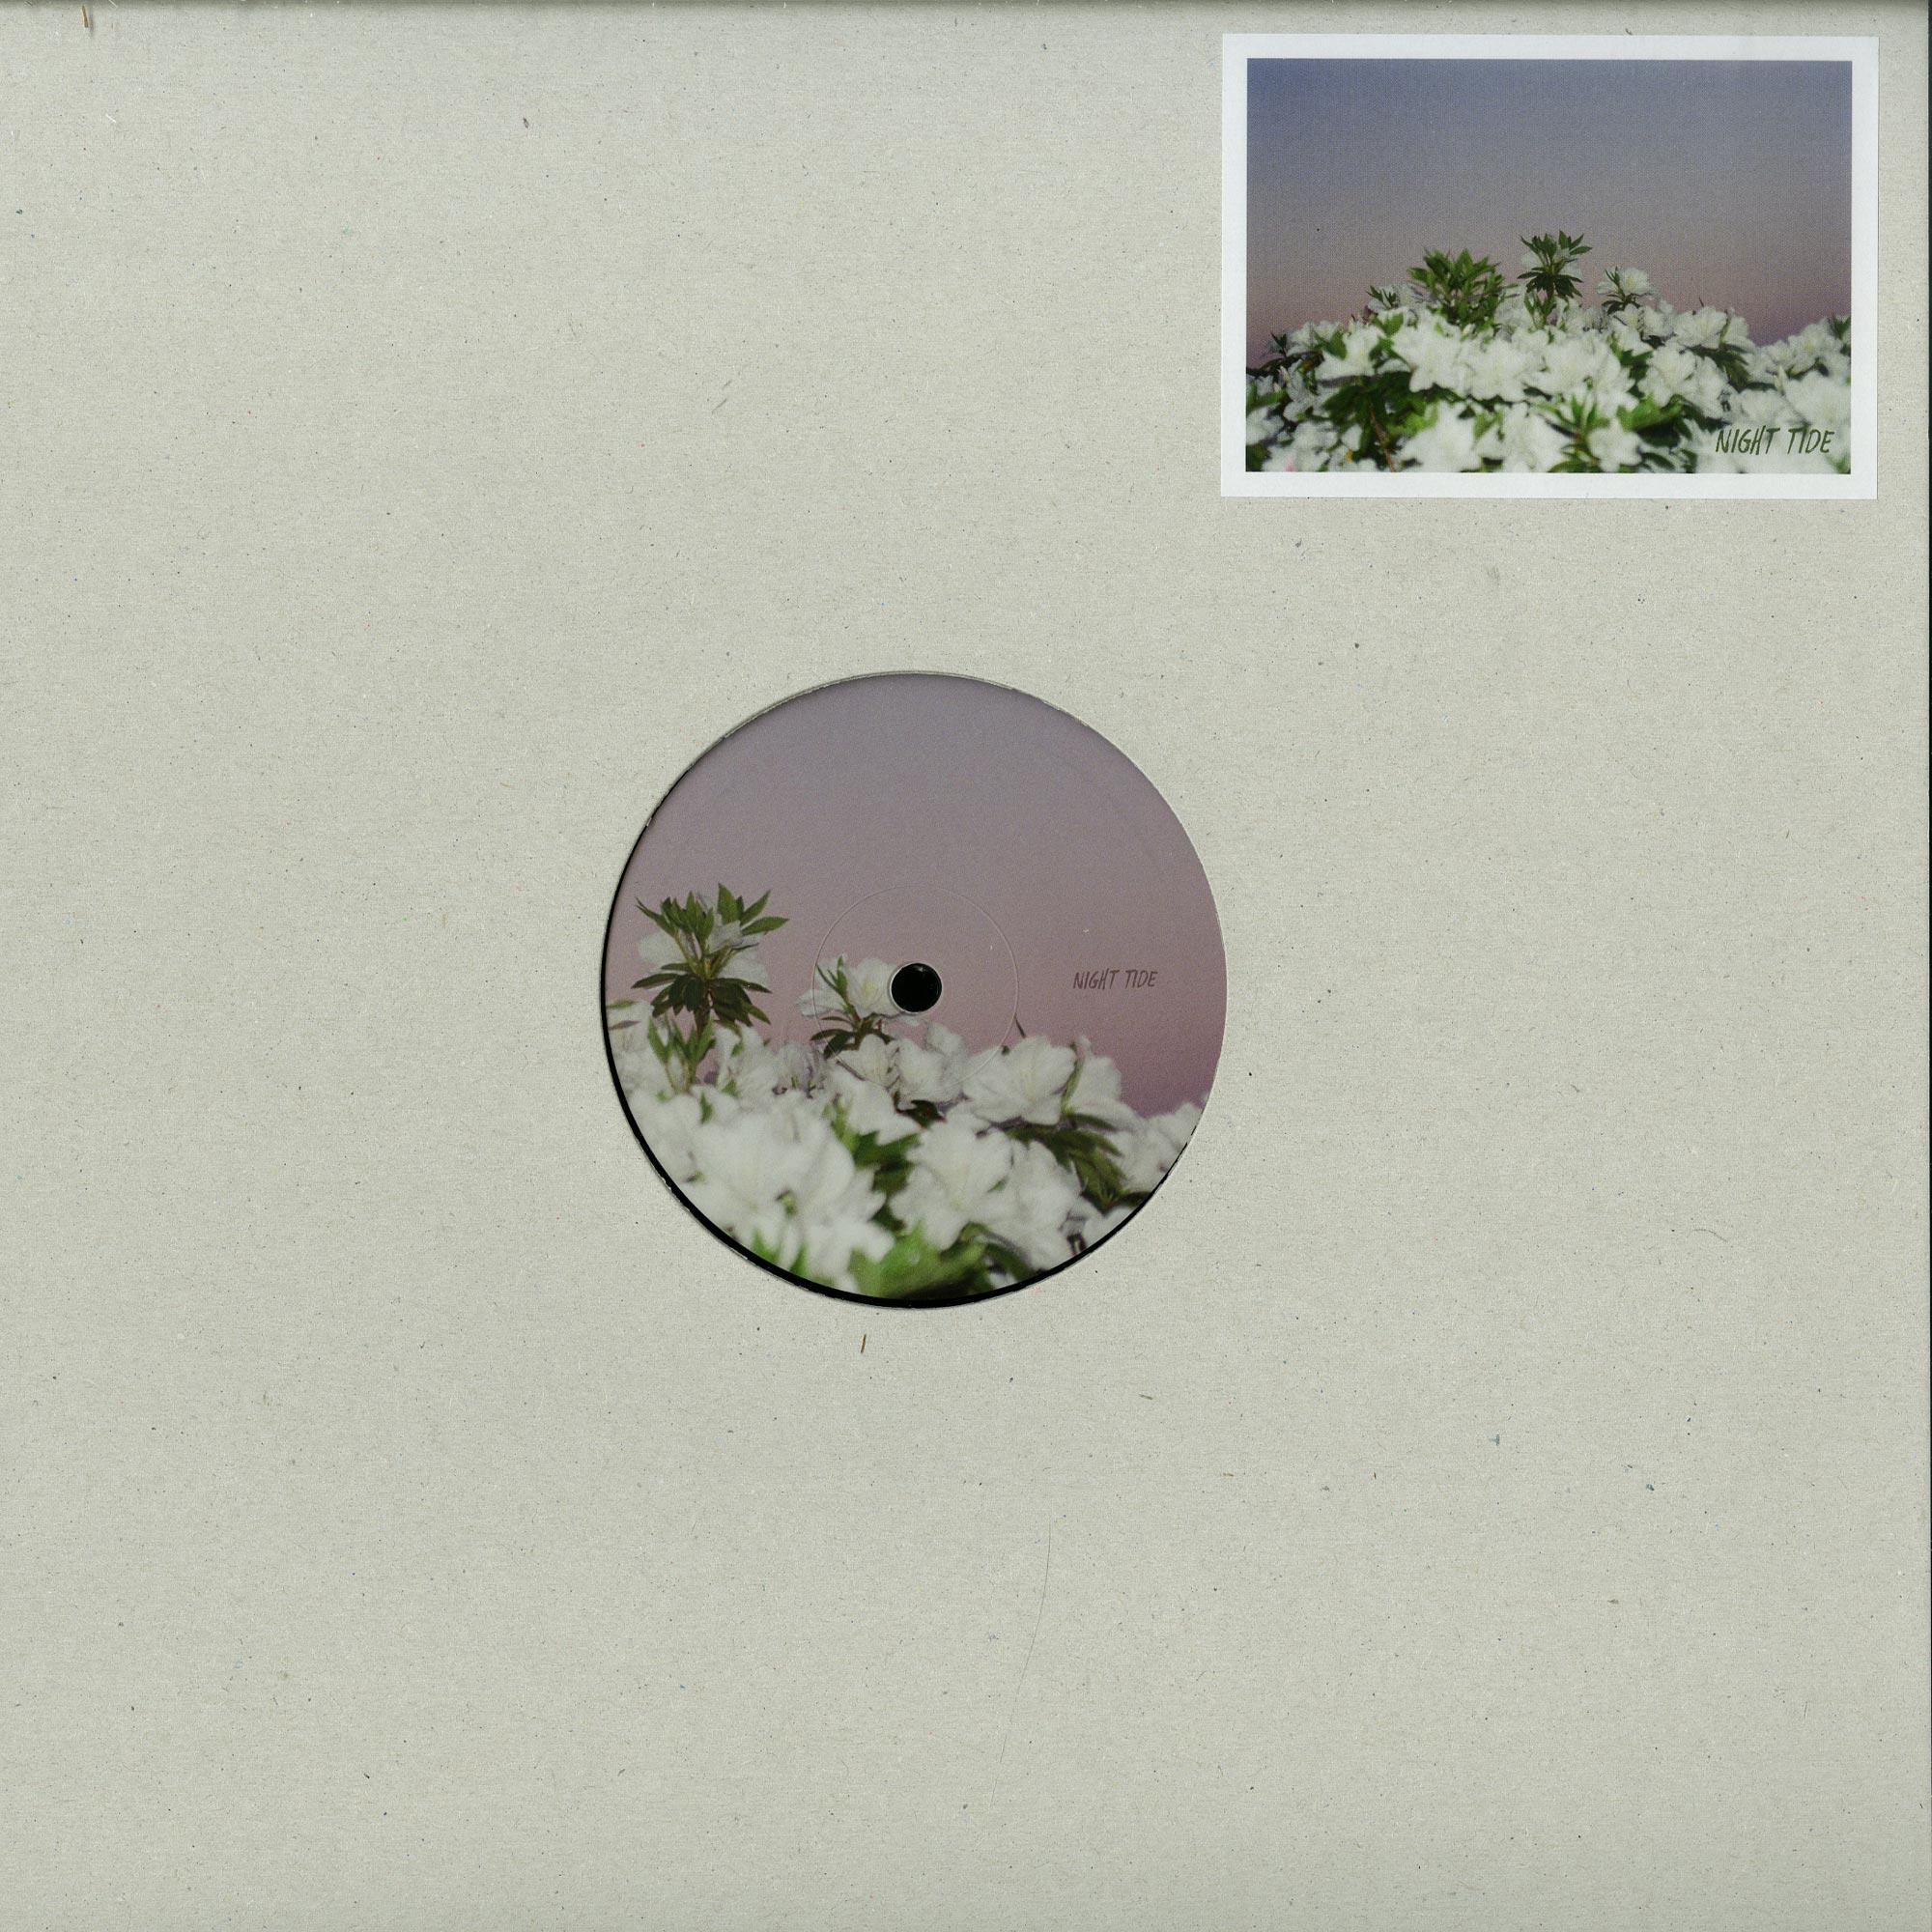 R.kitt - RIPPLES FROM THE EDGE EP